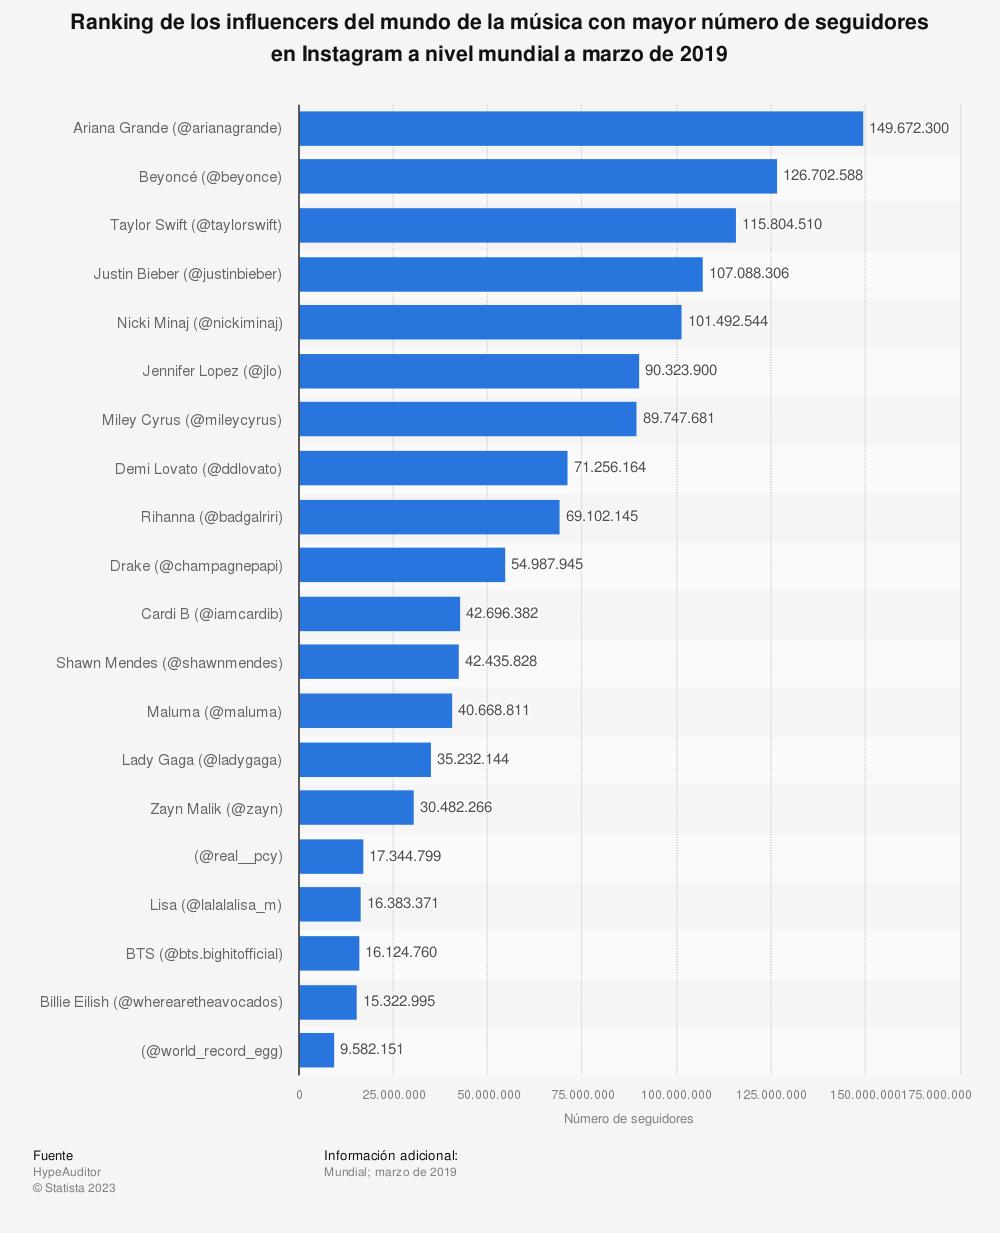 Estadística: Ranking de los influencers del mundo de la música con mayor número de seguidores en Instagram a nivel mundial a marzo de 2019 | Statista